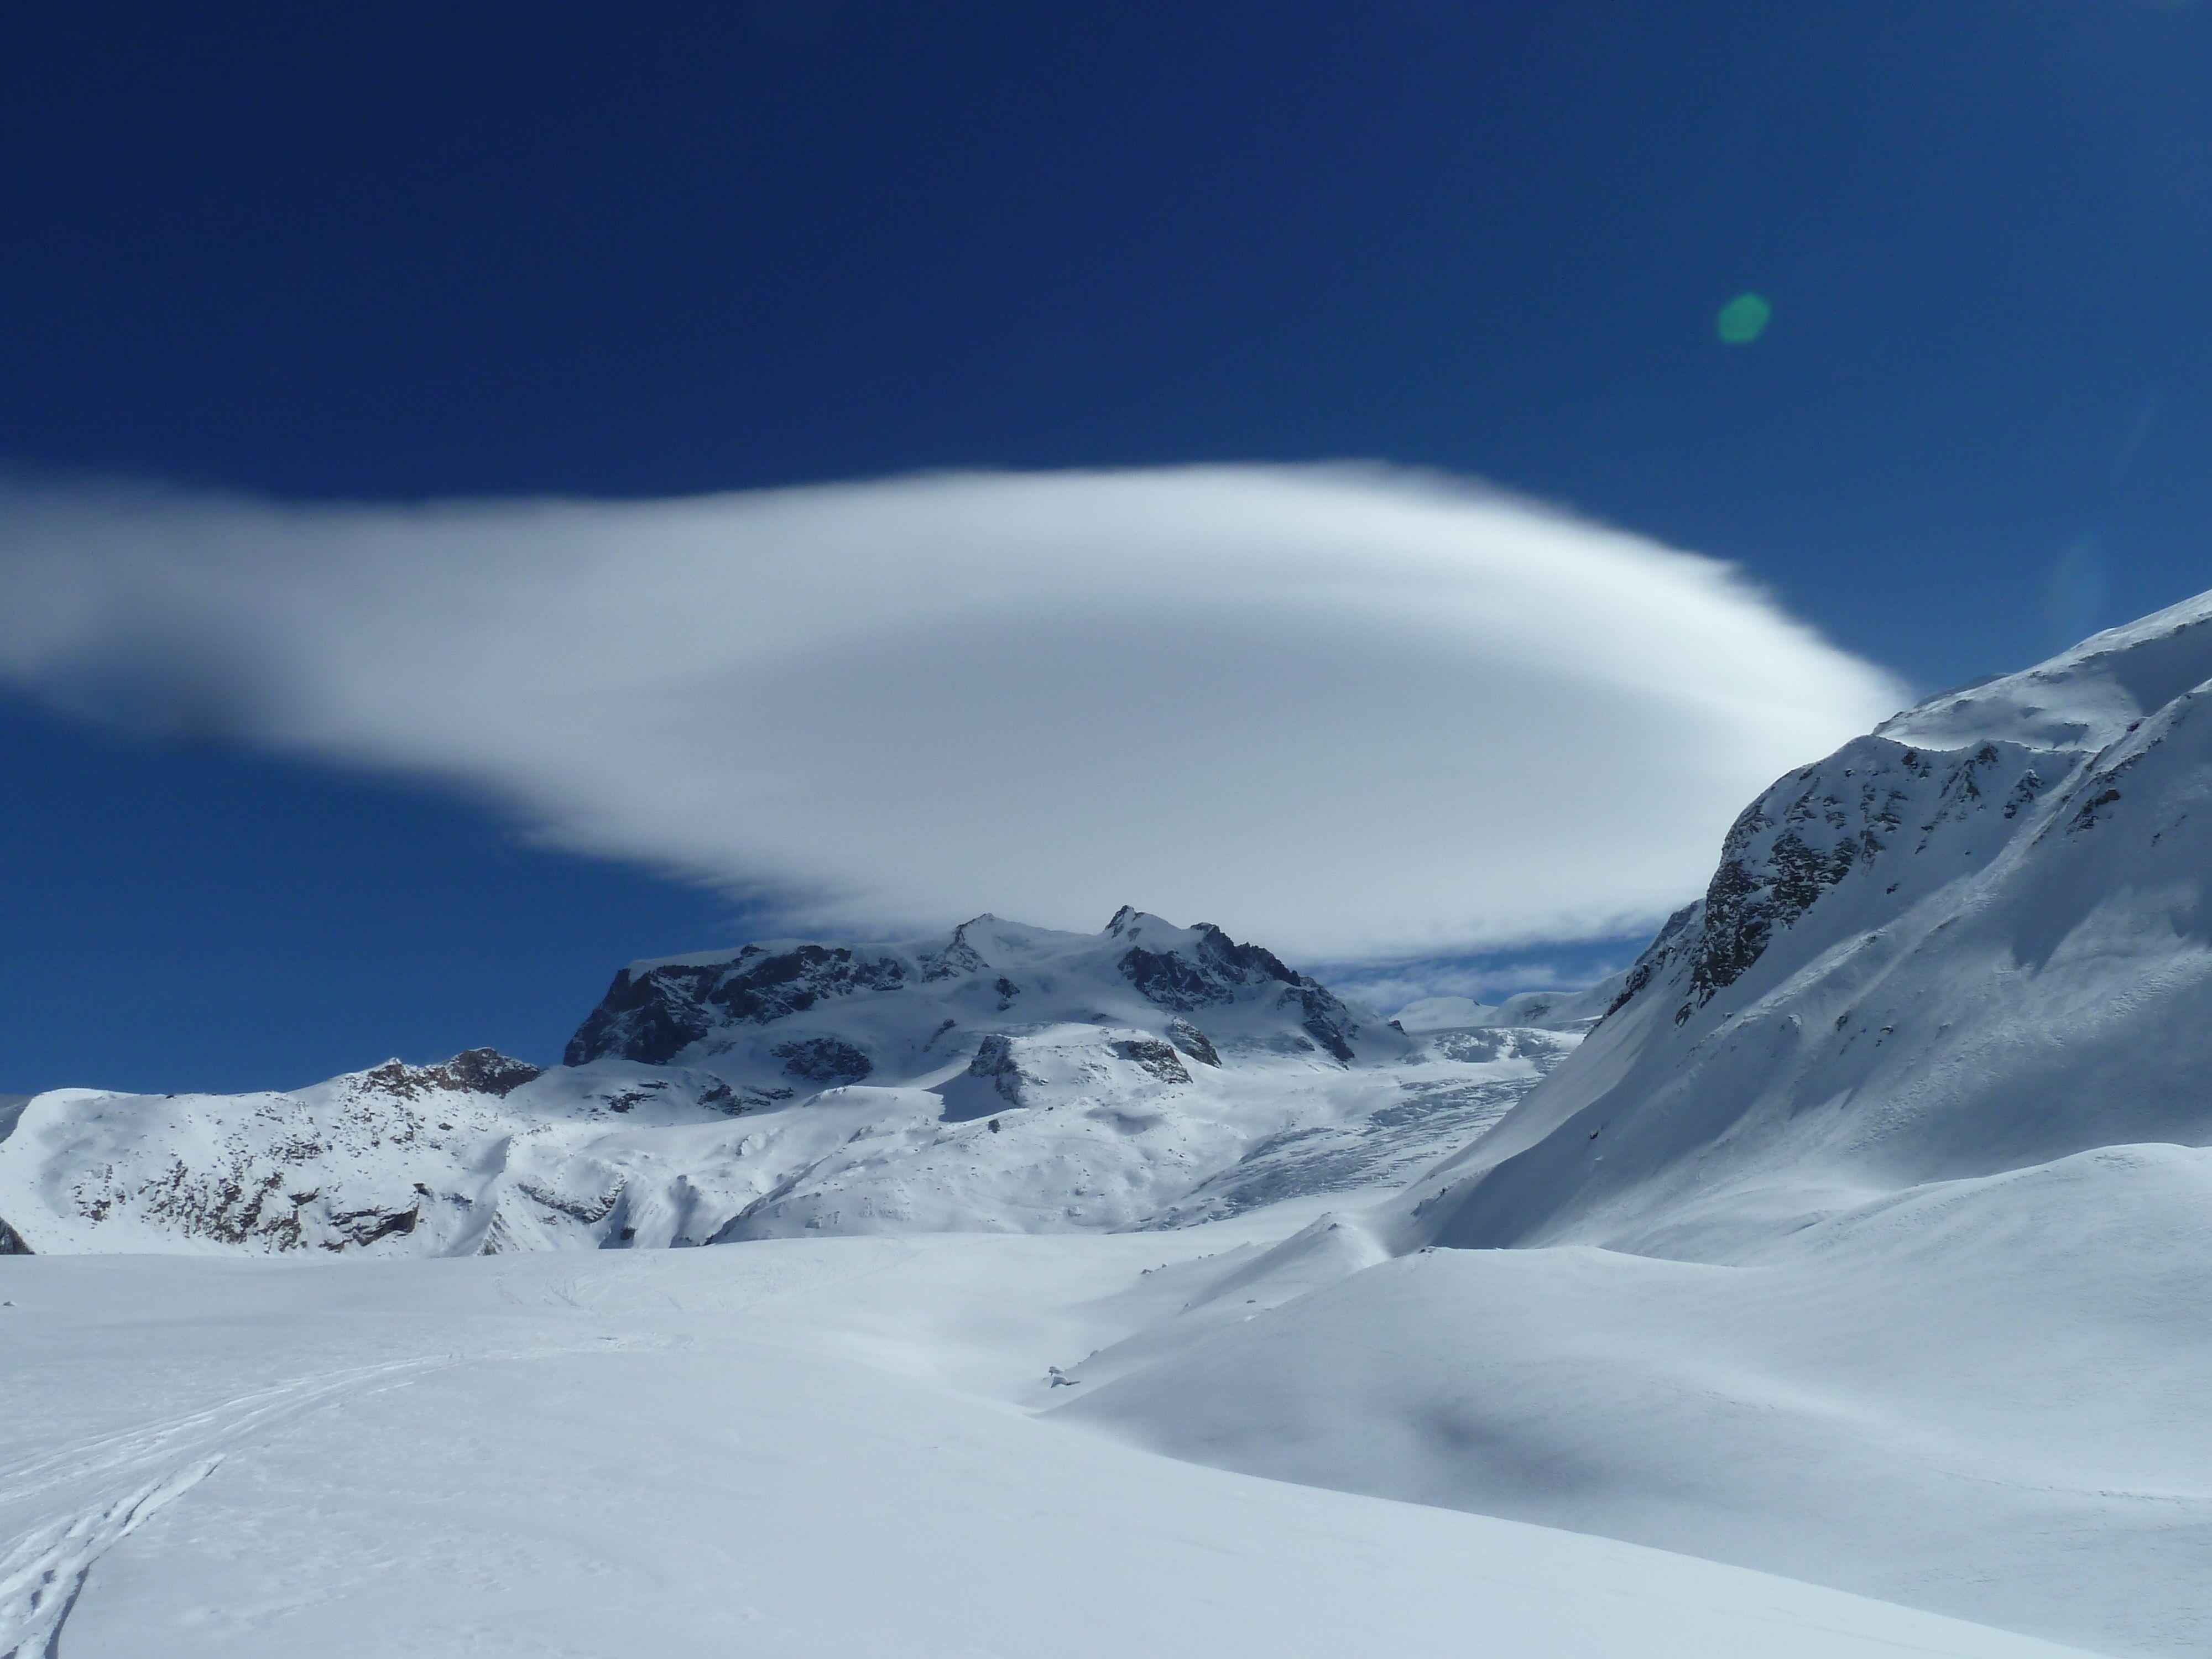 Zweitagesskitour auf den Colle Gnifetti (4420m) | aufundab.eu